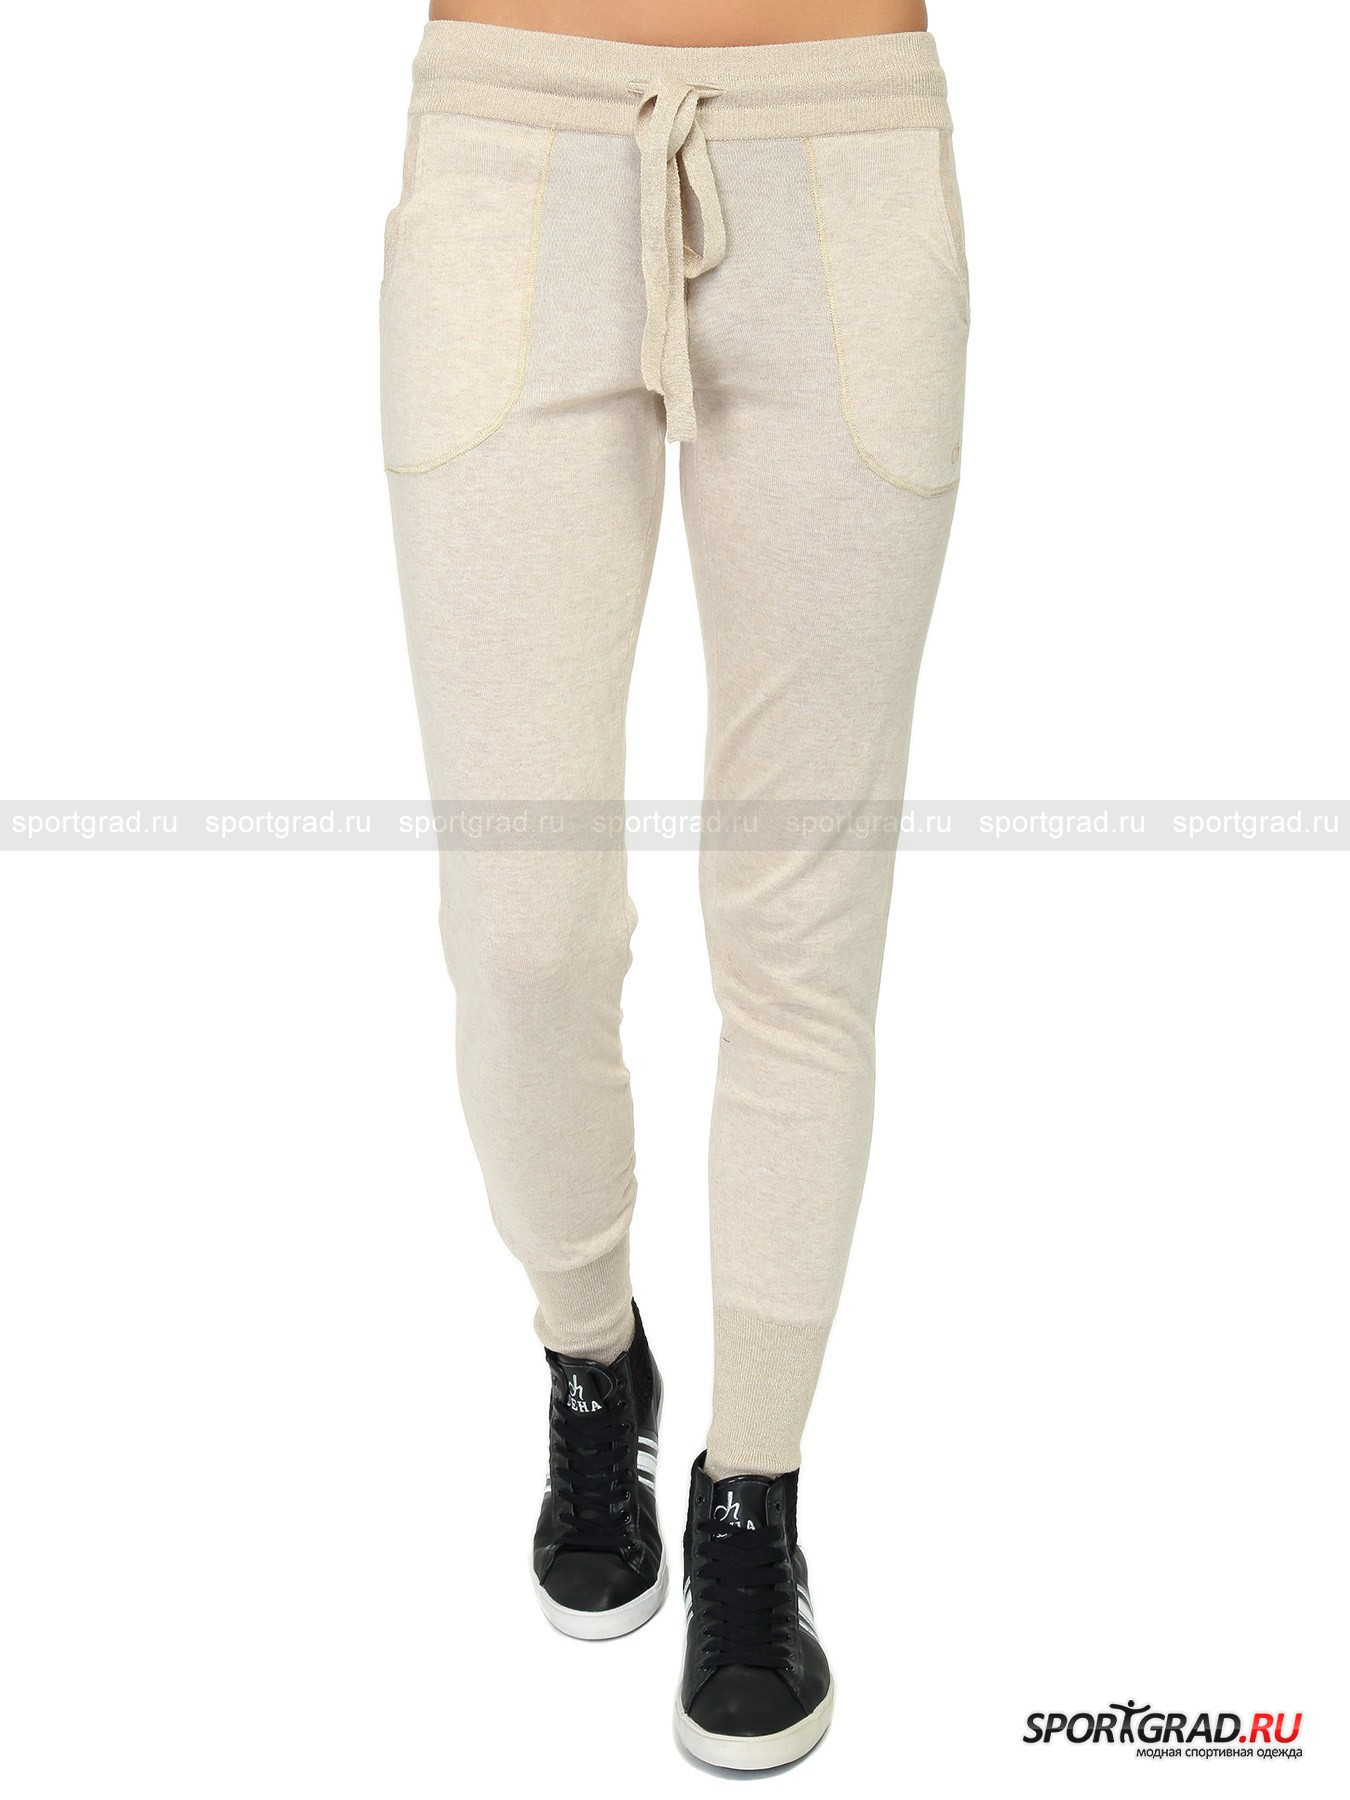 Трикотажные брюки женские